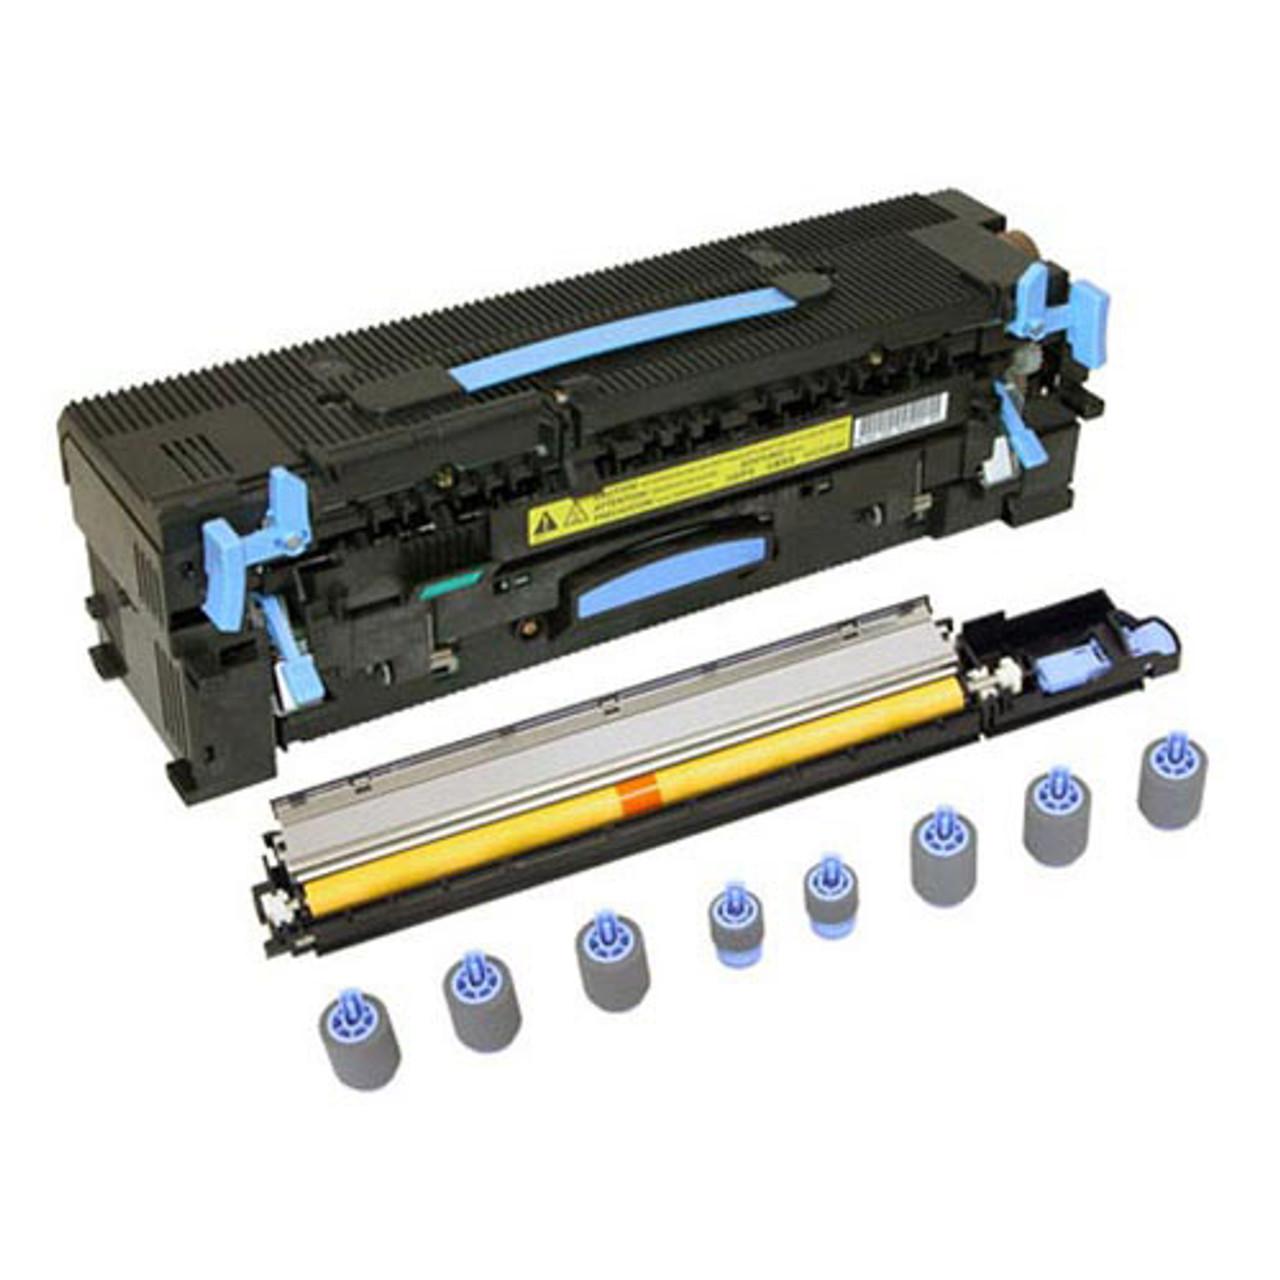 HP 9050 Maintenance Kit